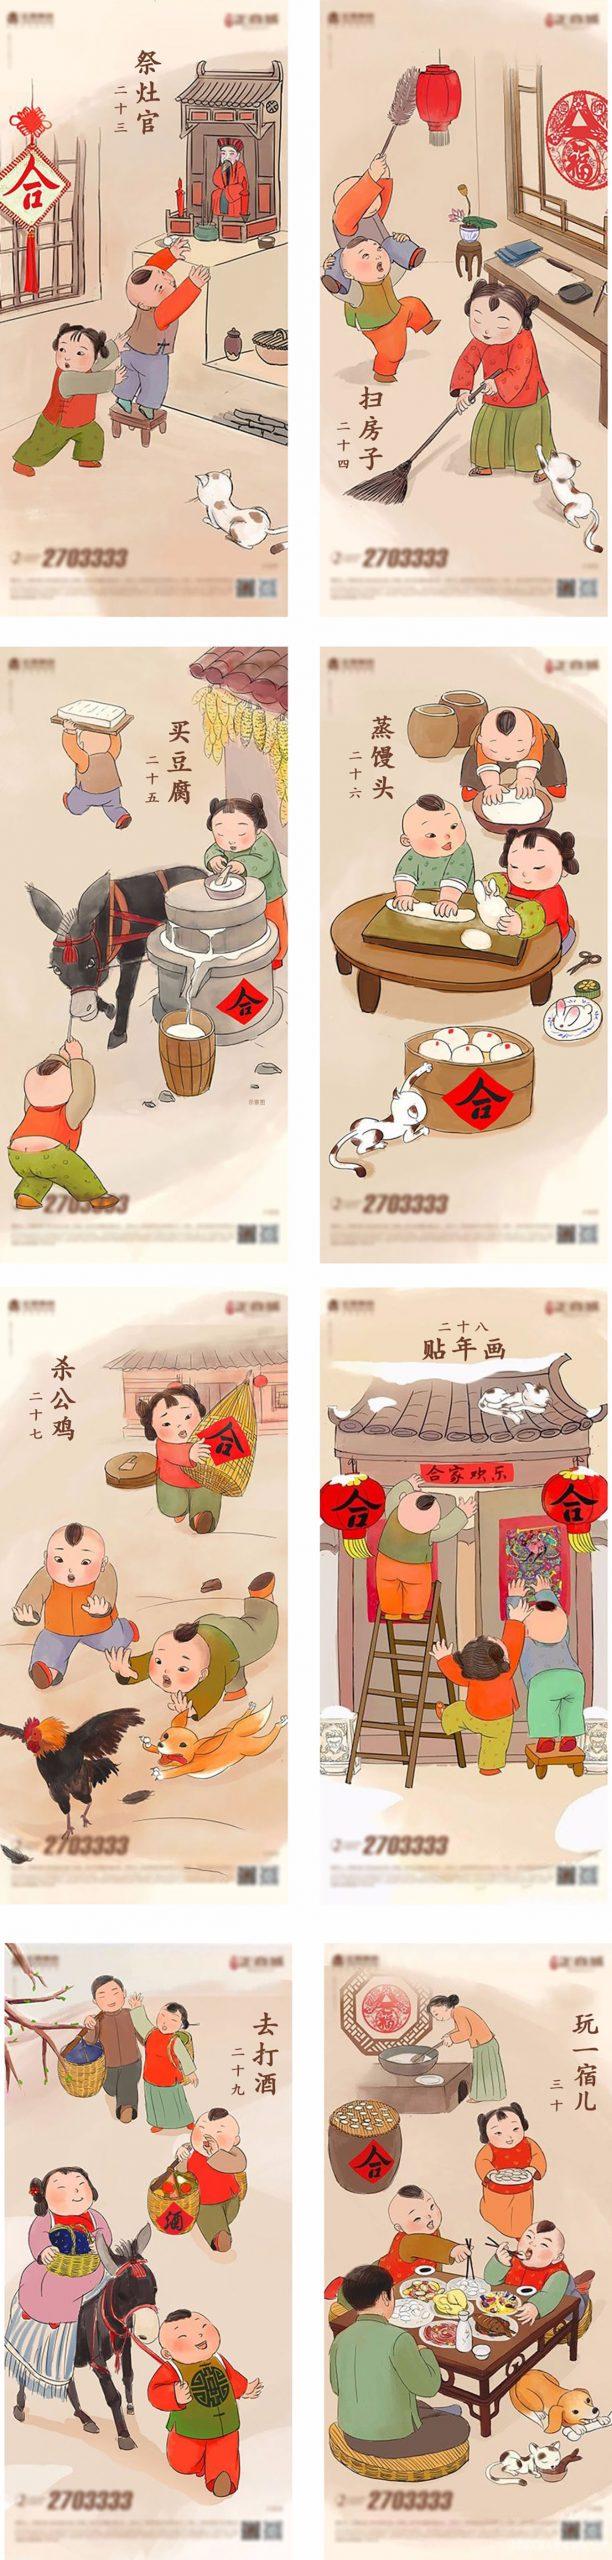 房地产春节年俗过年刷屏海报CDR源文件插图